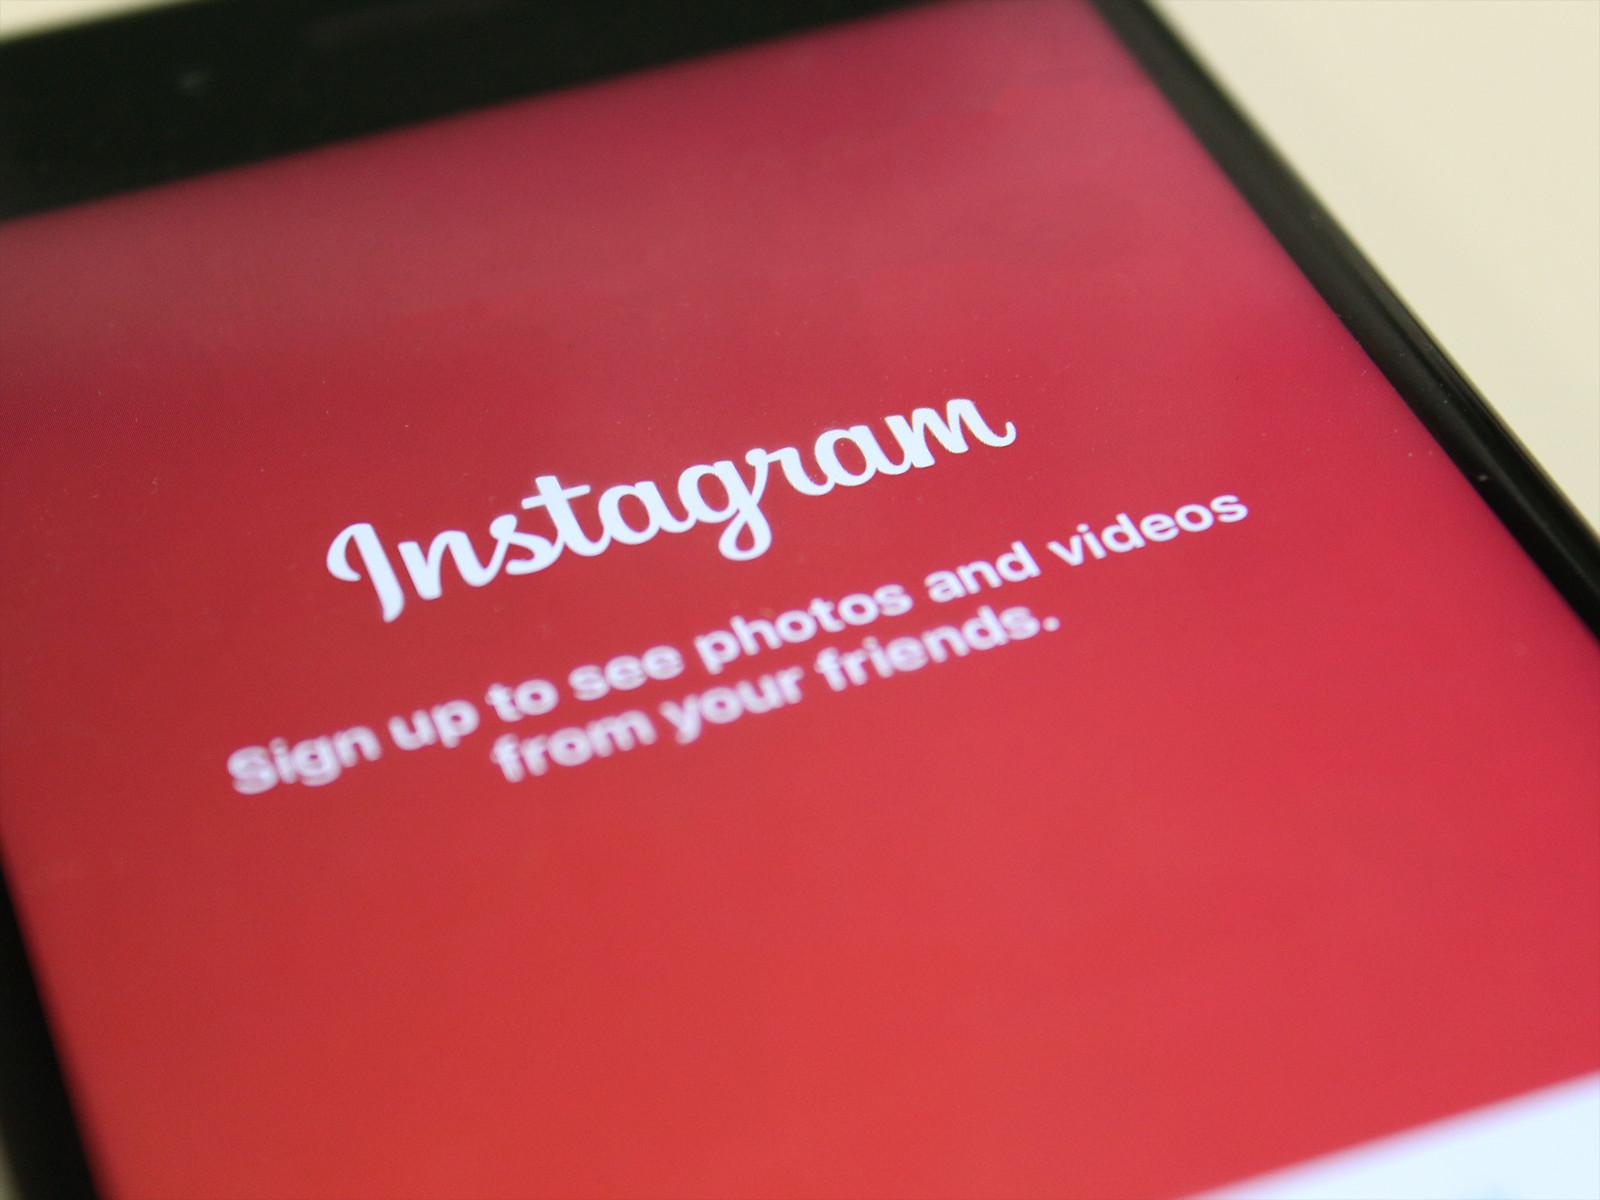 Instagram apresenta falhas para usurios do android correio o instagram apresenta falhas para usurios do android correio o que a bahia quer saber stopboris Gallery